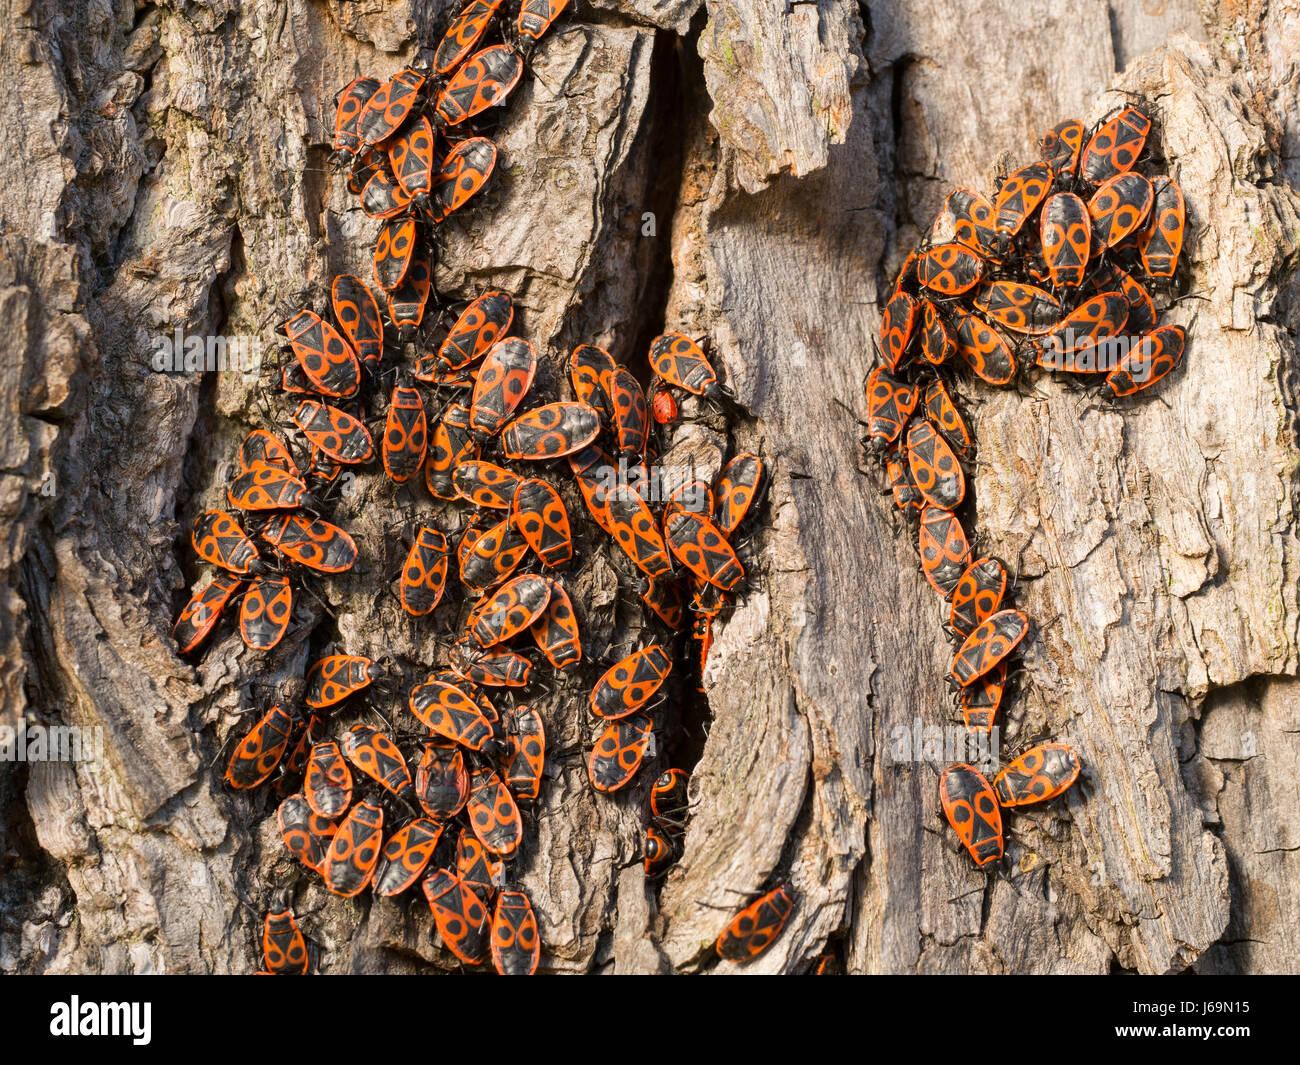 Firebug - Pyrrhocoris apterus - Stock Image